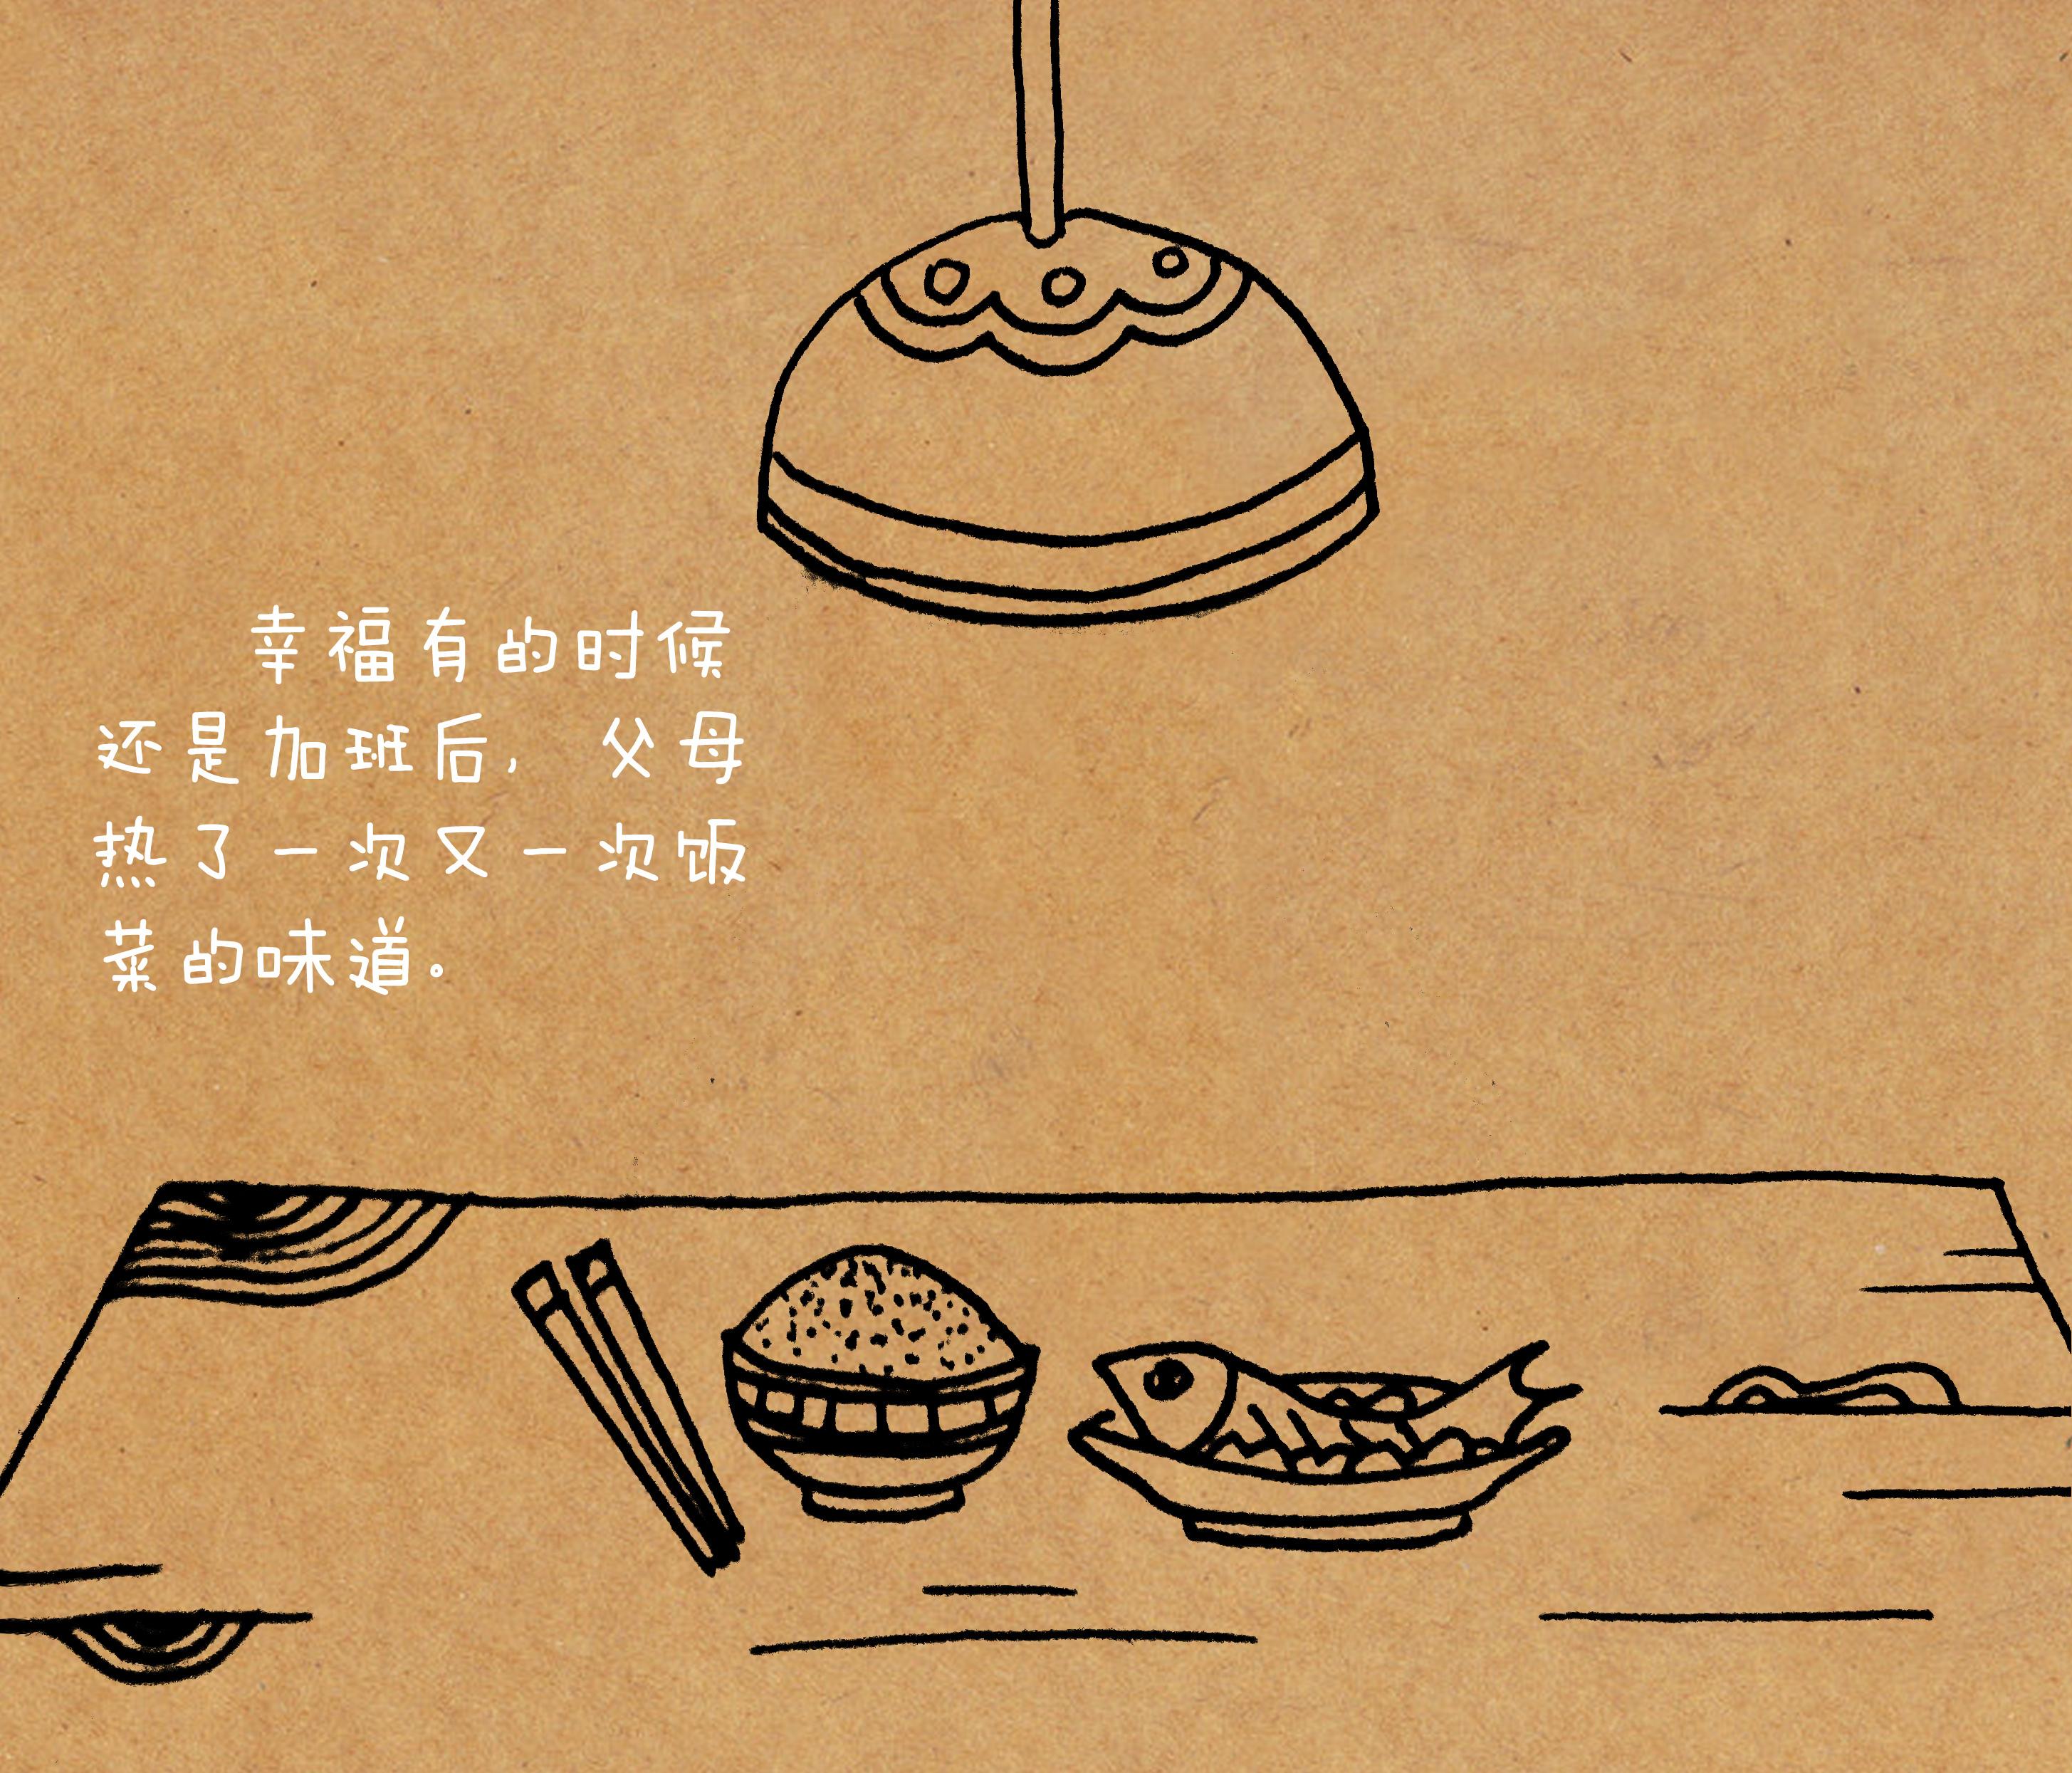 【幸福的味道】